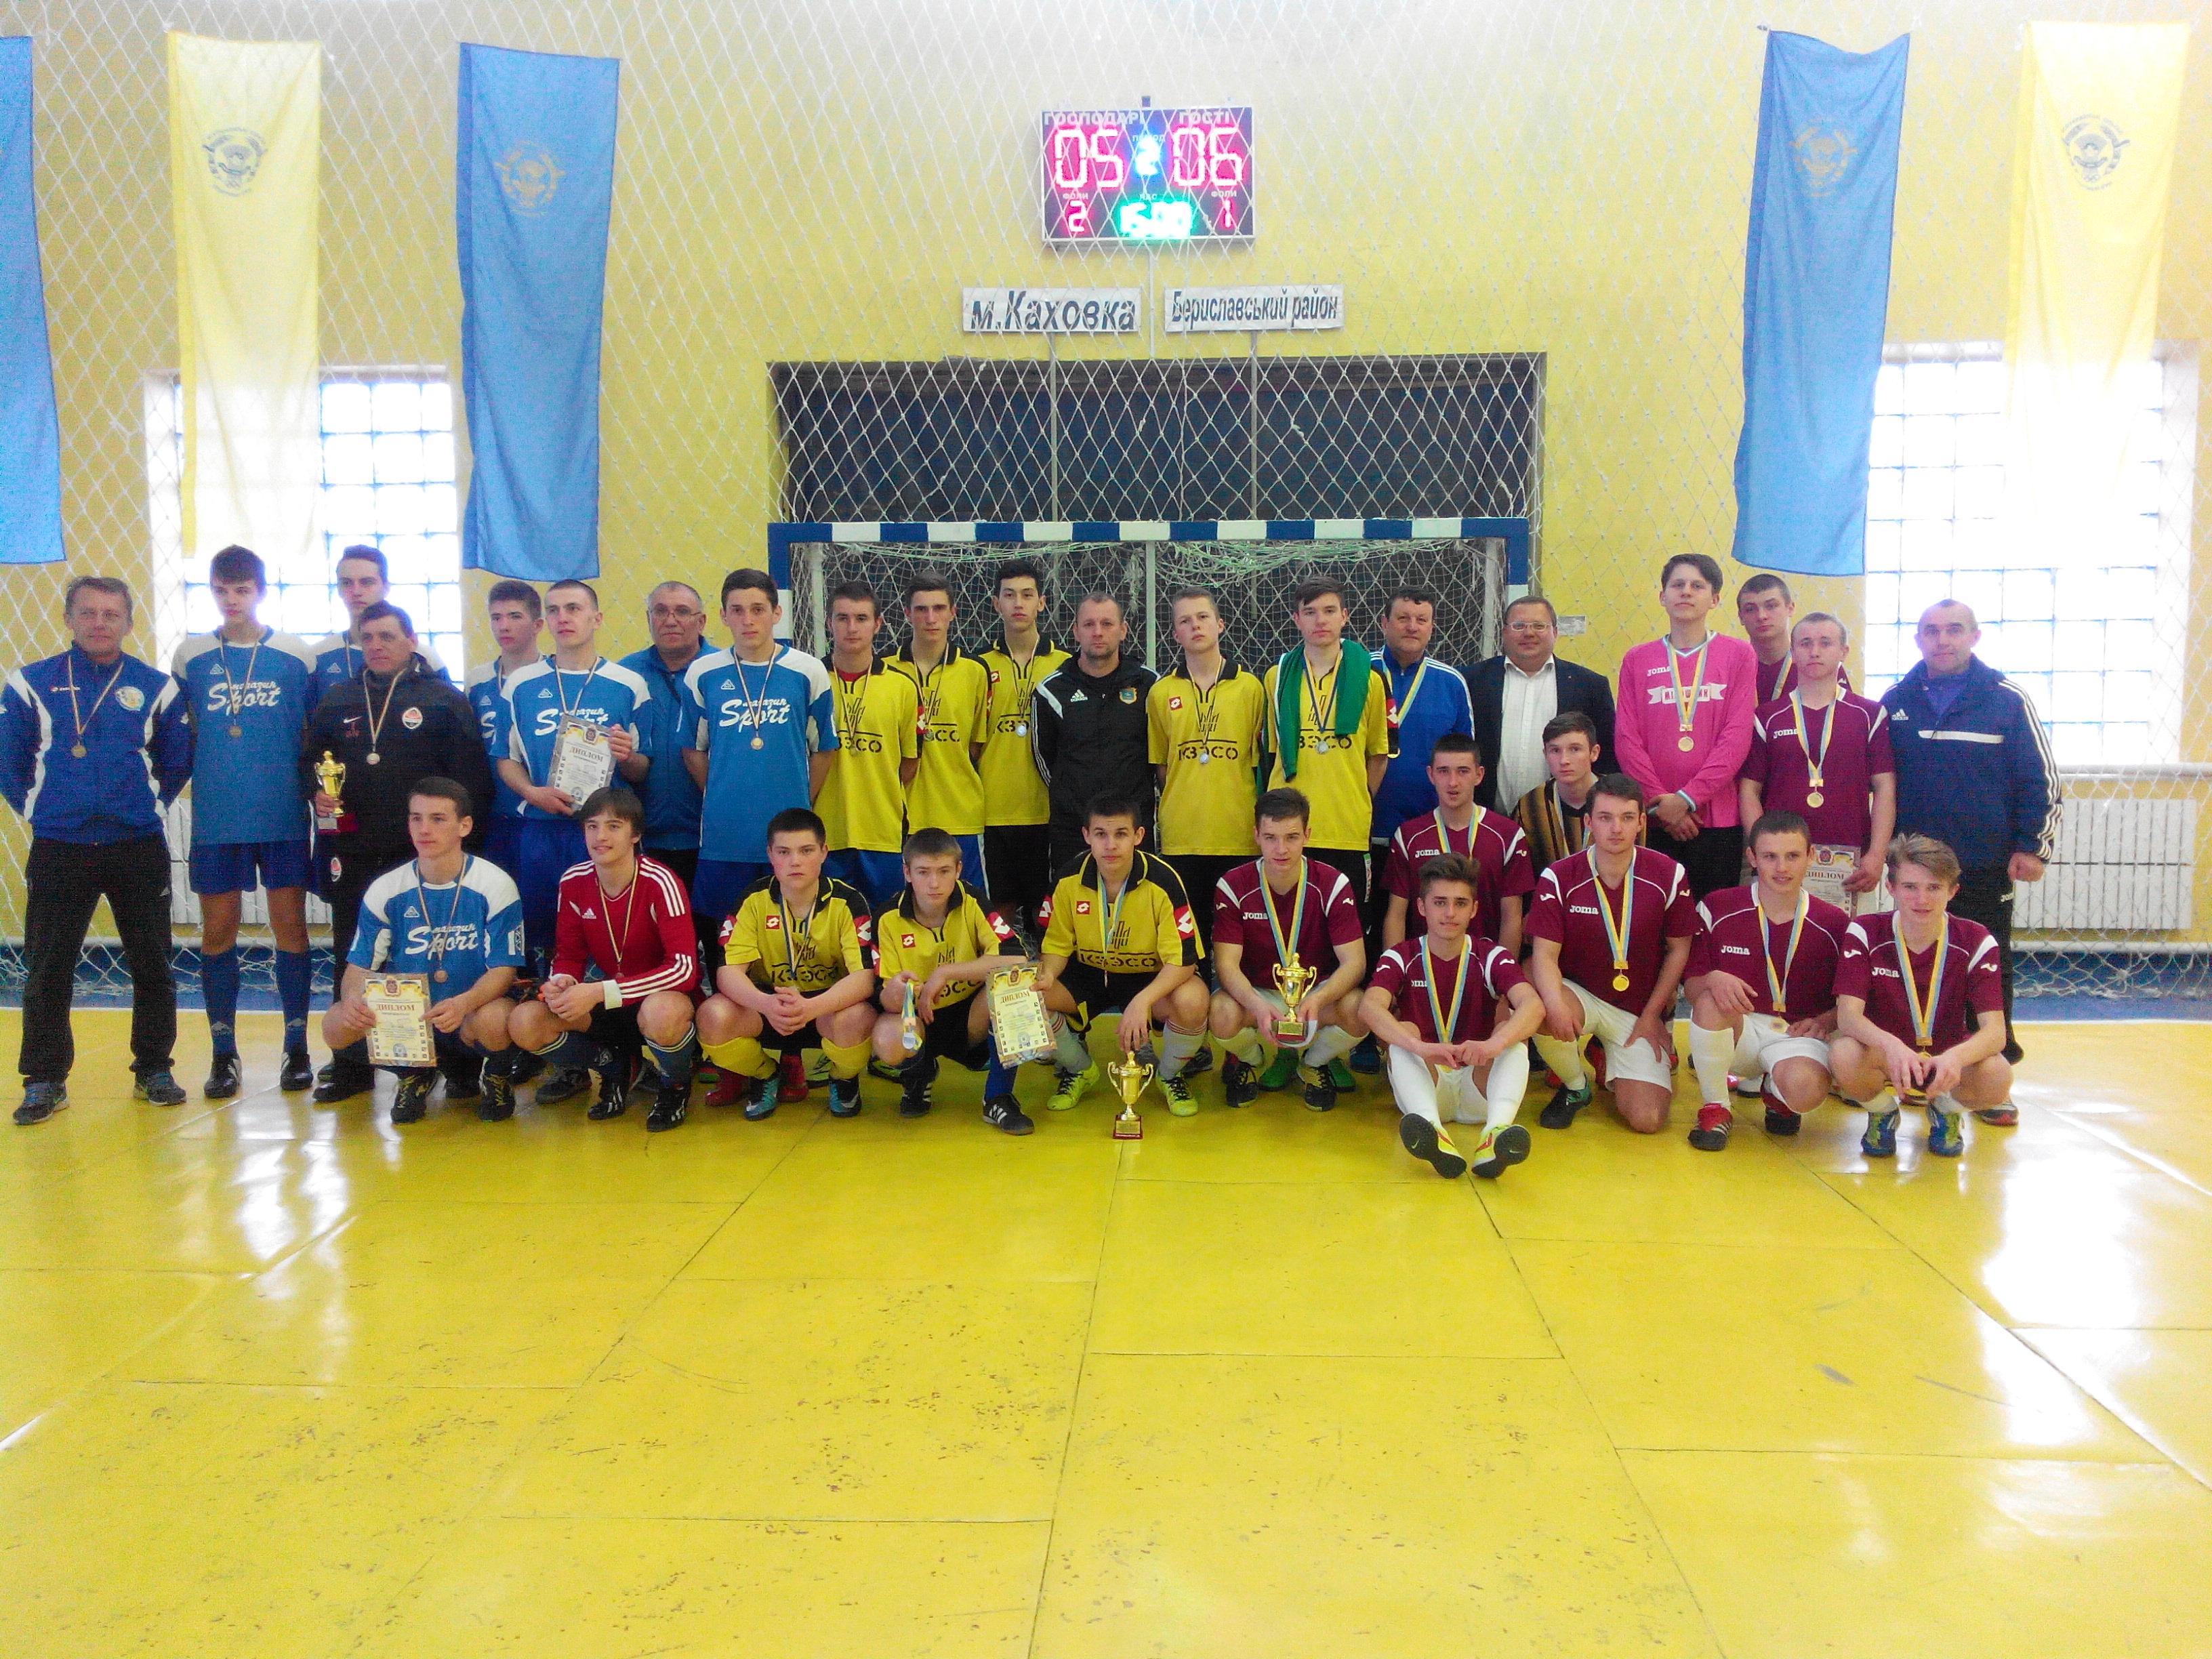 Збірна Бериславського району стала переможцями VІІІ літніх спортивних ігор  молоді Херсонщини 2016 року серед збірних команд юніорів 1998/2000 років народження